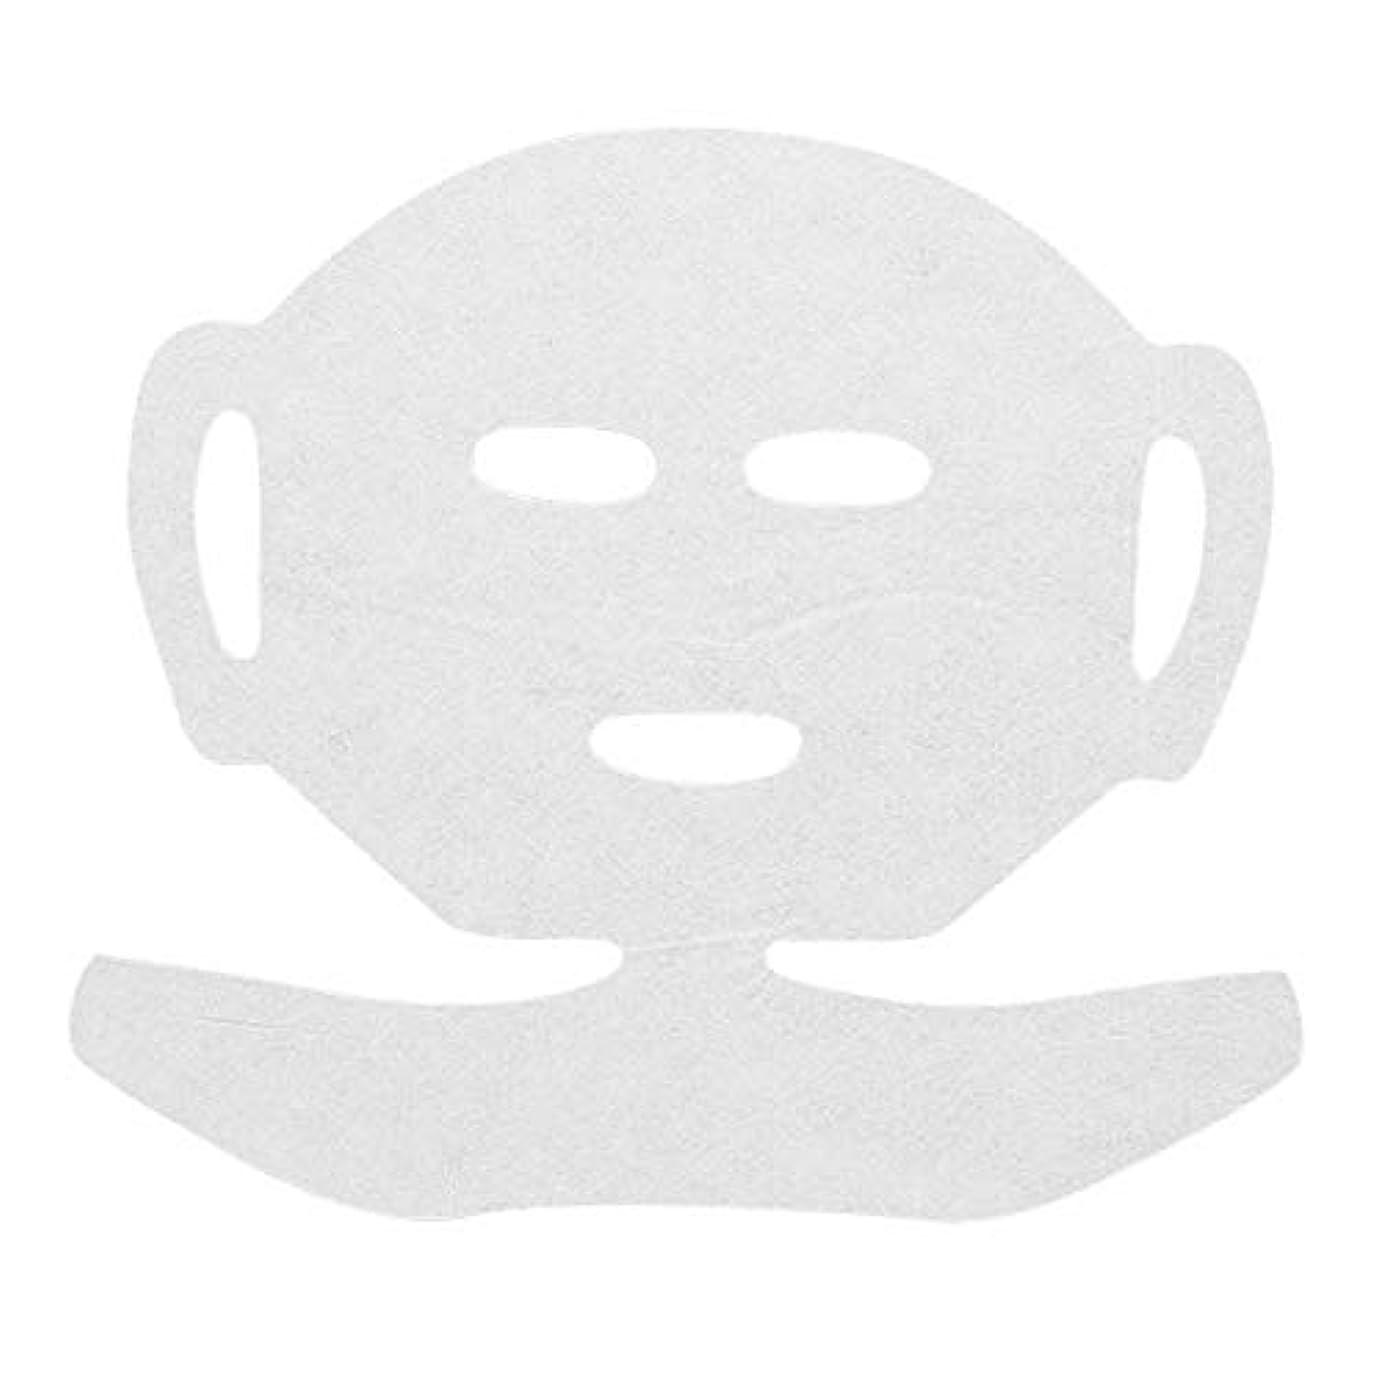 マインド醜いワーム高保水 フェイシャルシート (マスクタイプネック付き 化粧水無し) 80枚 29×20cm [ フェイスマスク フェイスシート フェイスパック フェイシャルマスク シートマスク フェイシャルシート フェイシャルパック ローションマスク...